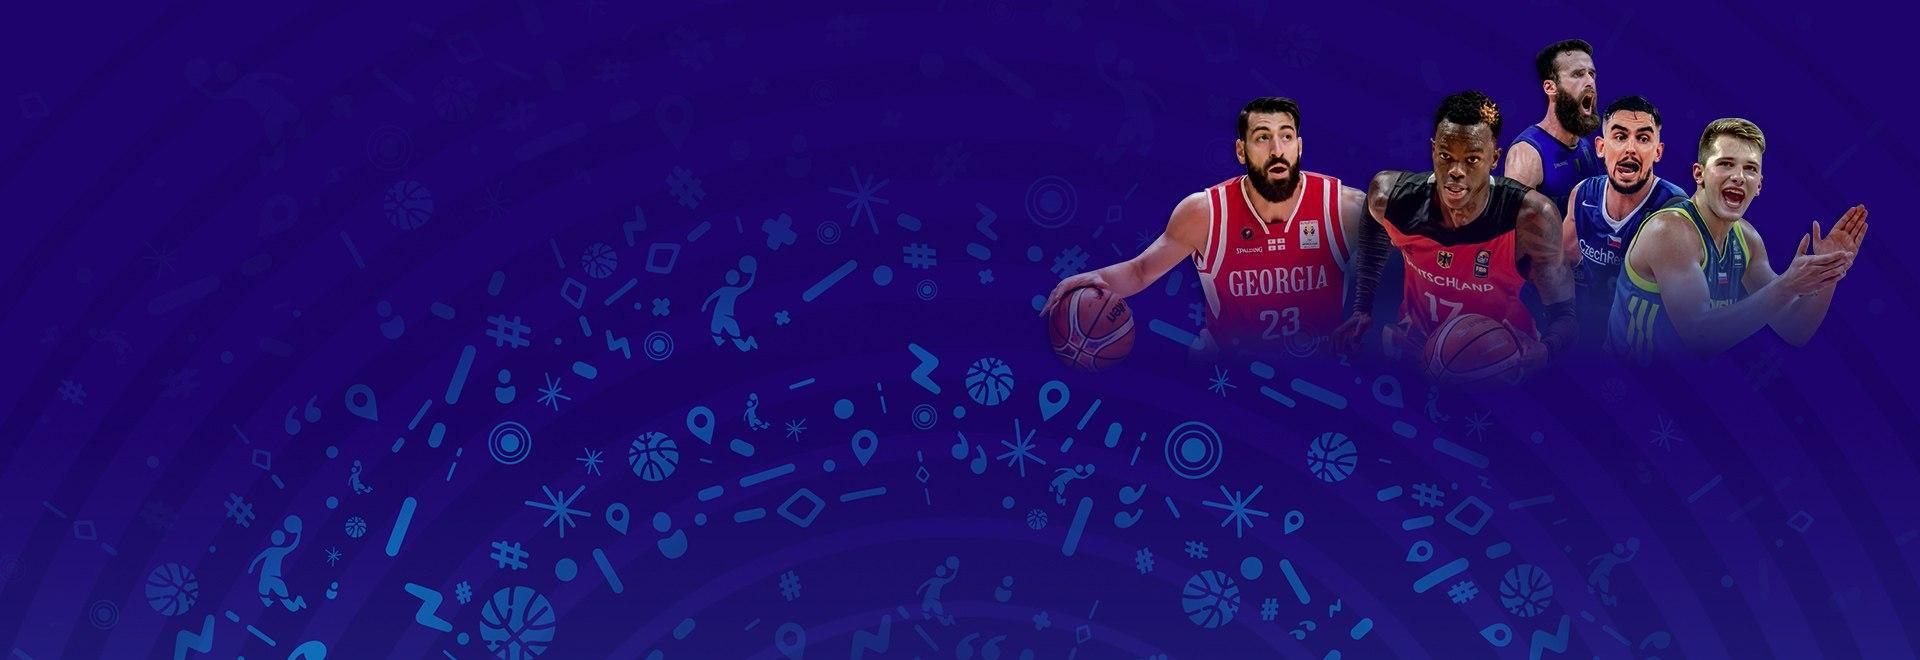 Qualificazioni EuroBasket 2021